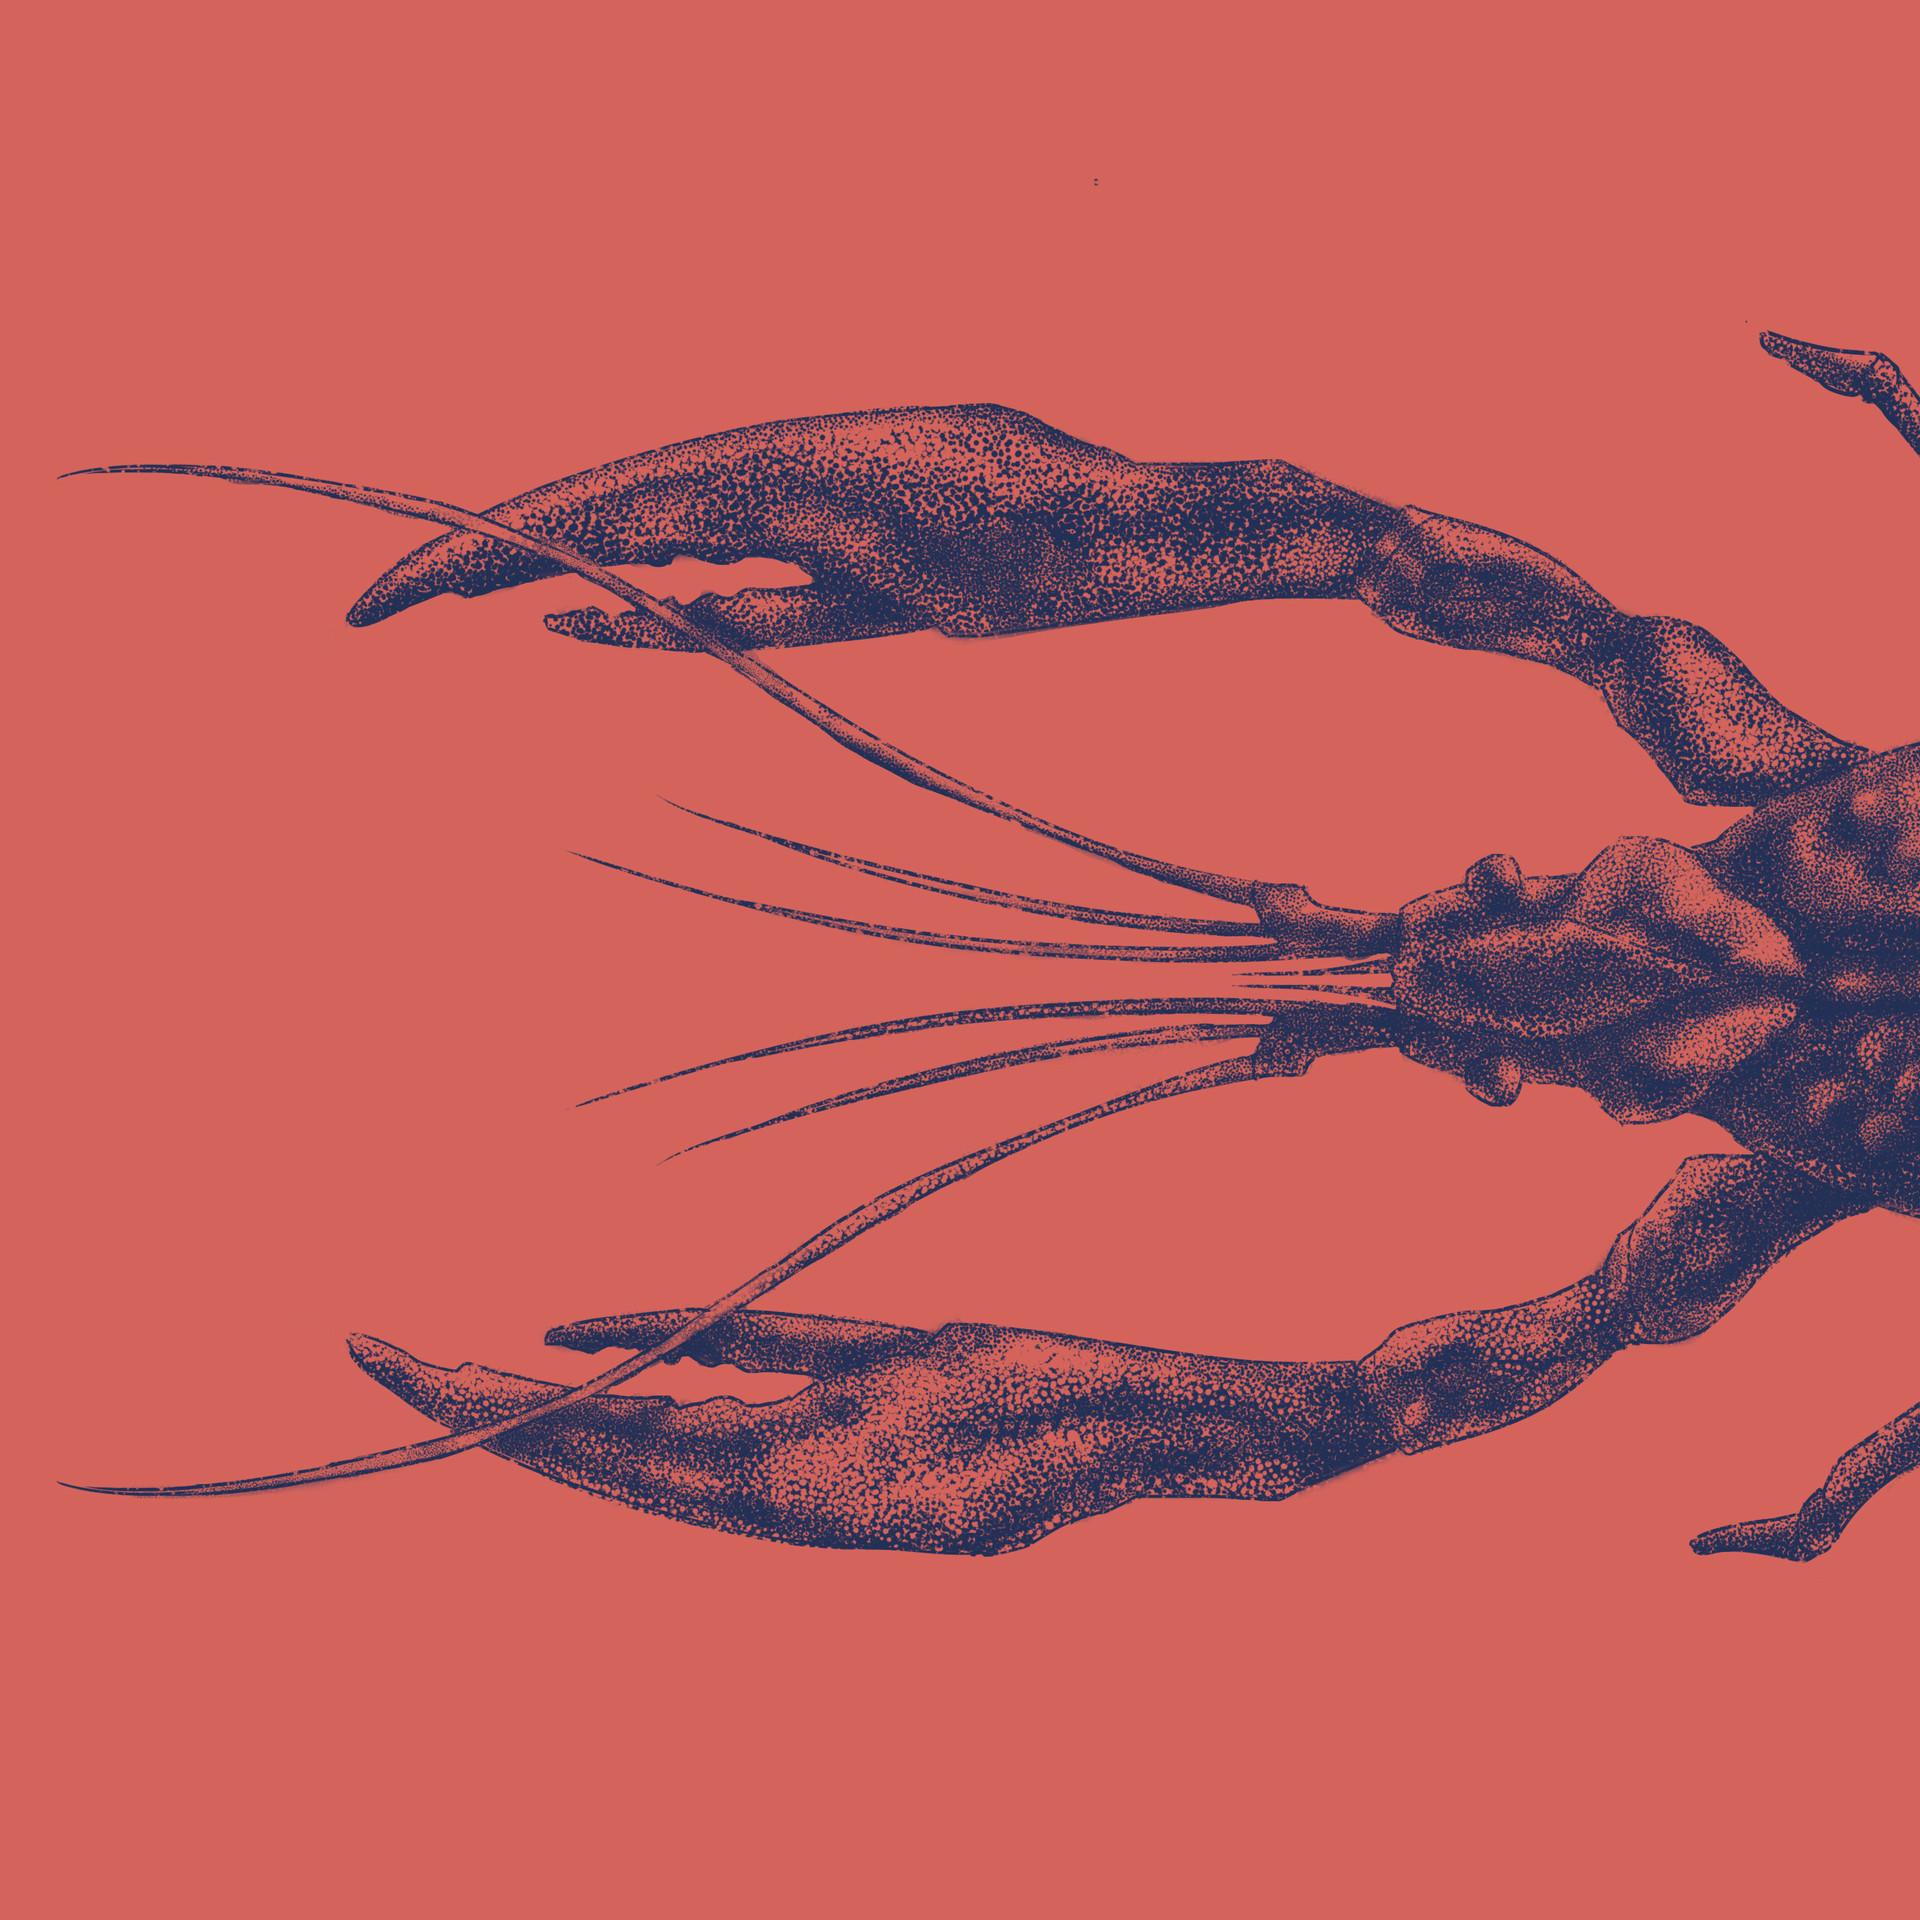 Marcos torres todos insta lagosta2